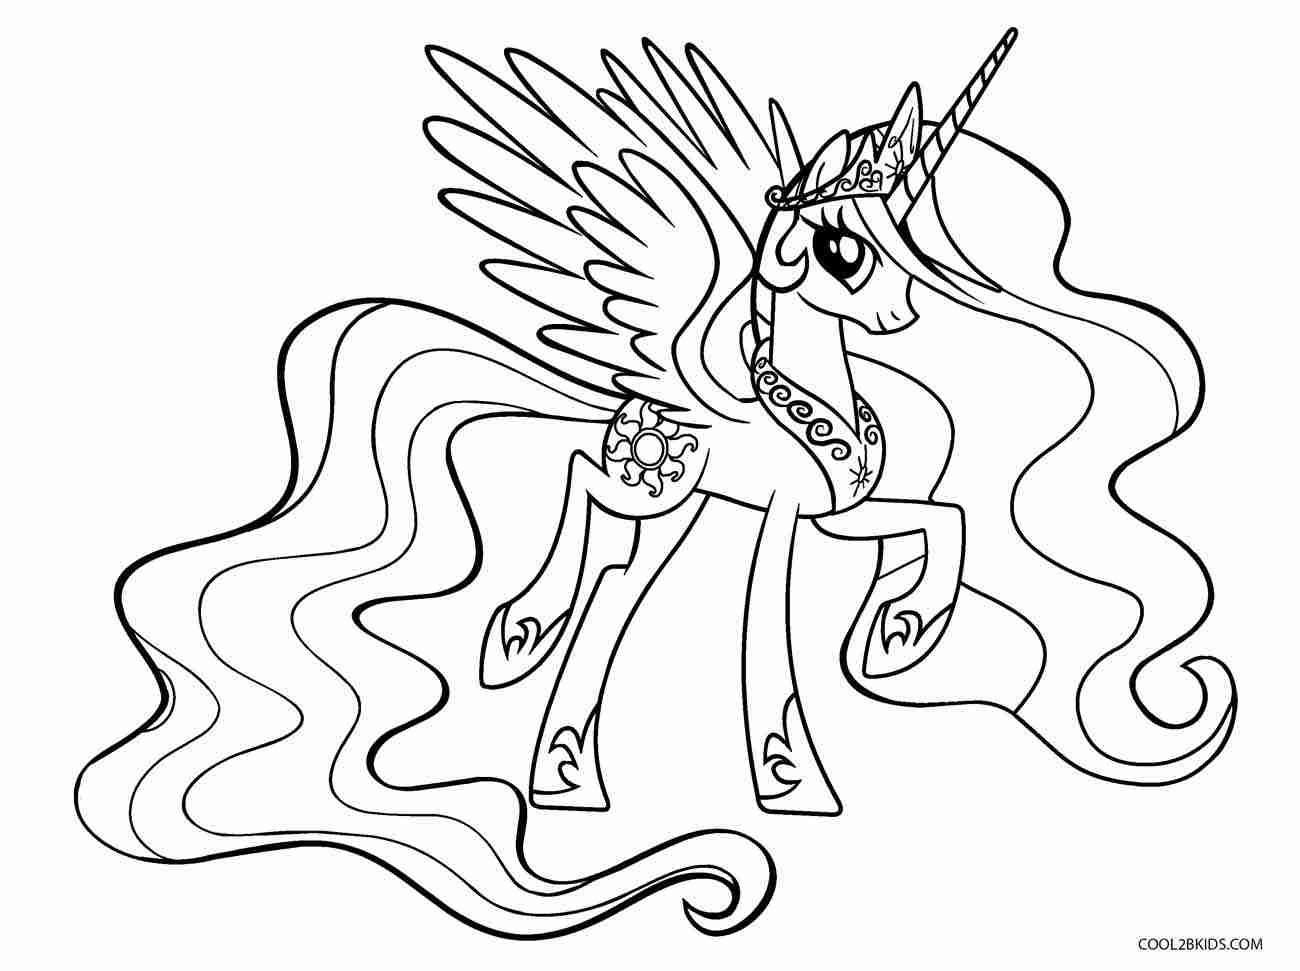 malvorlagen kostenlos my little pony ausmalbilder